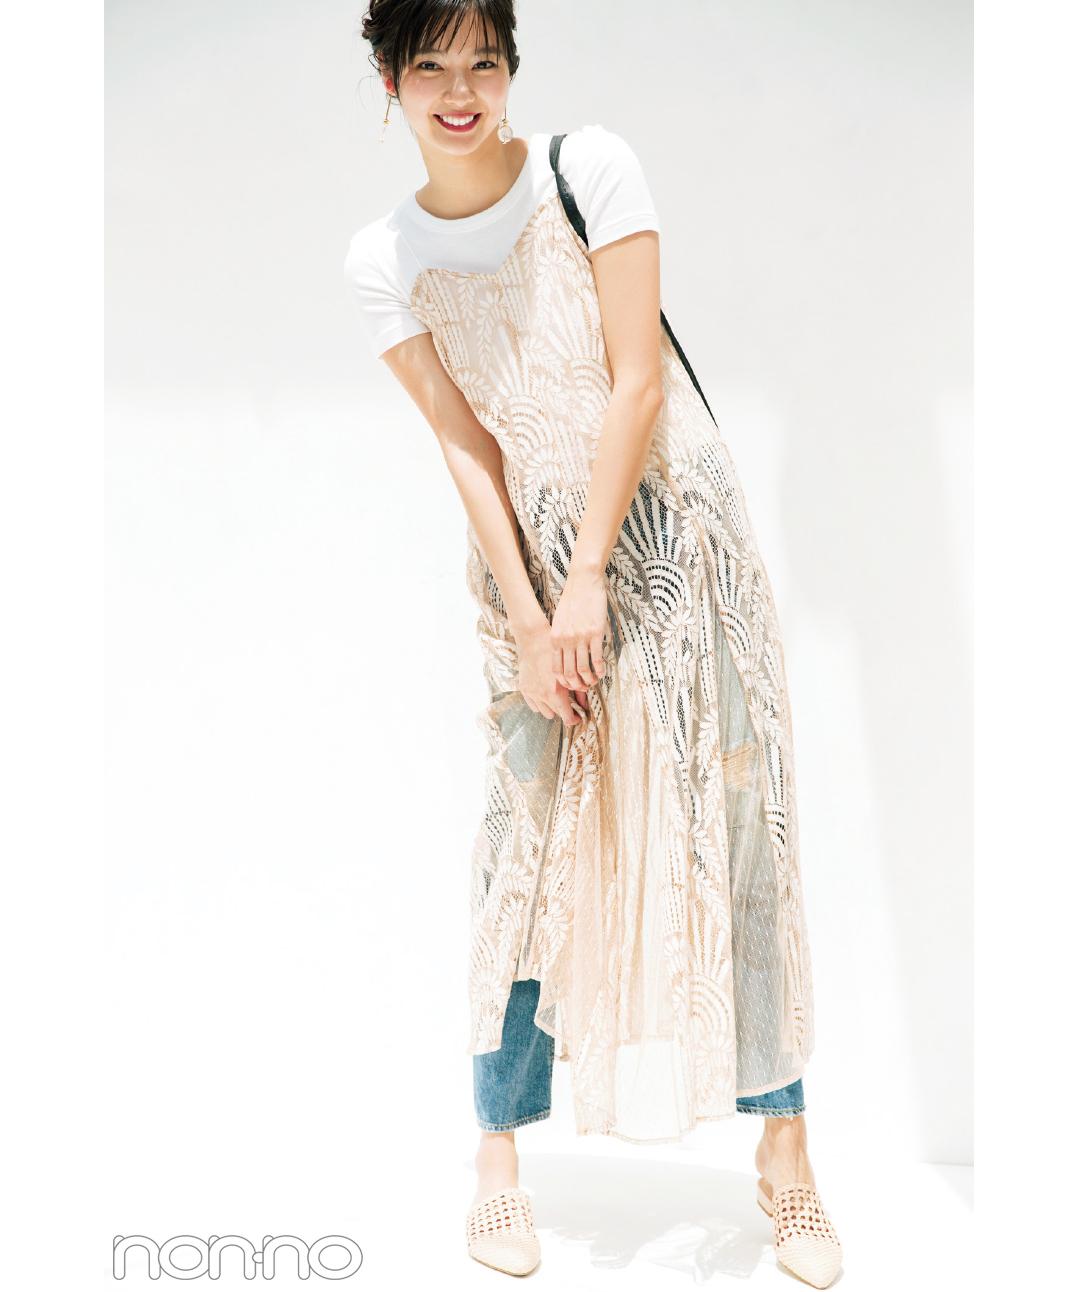 大好評・白の無地Tシャツなのに女っぽい♡着こなしアイデア5選!_1_3-5